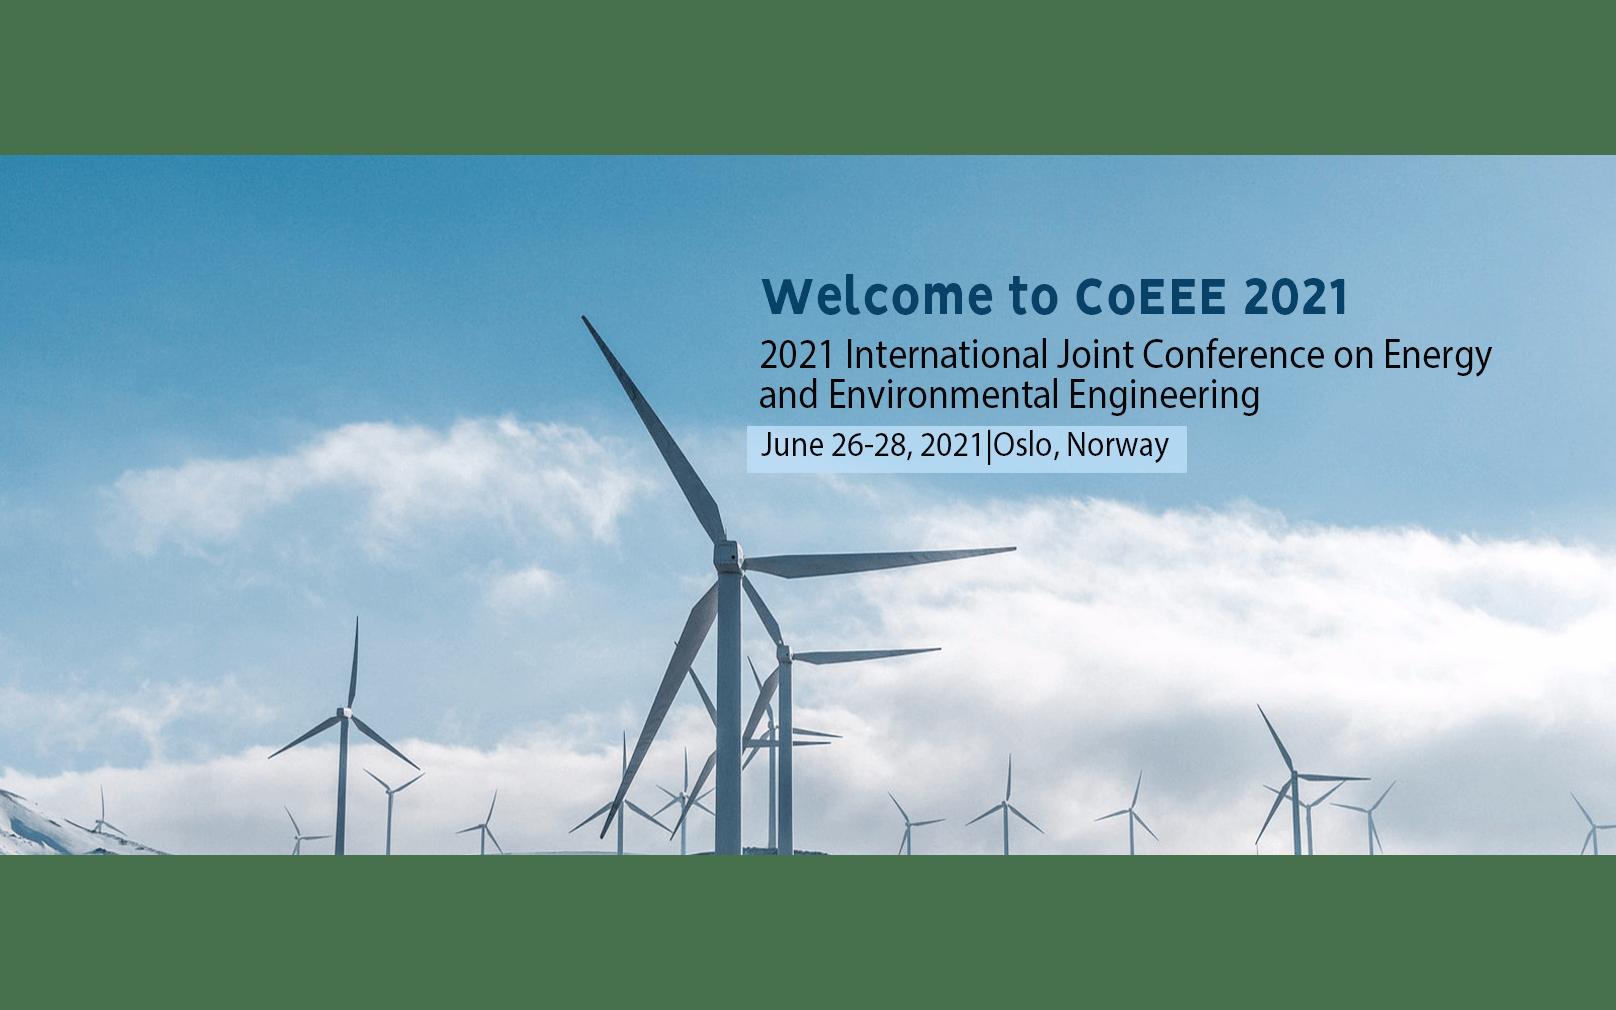 【IOP出版】2021年能源与环境工程国际研讨会(CoEEE 2021)